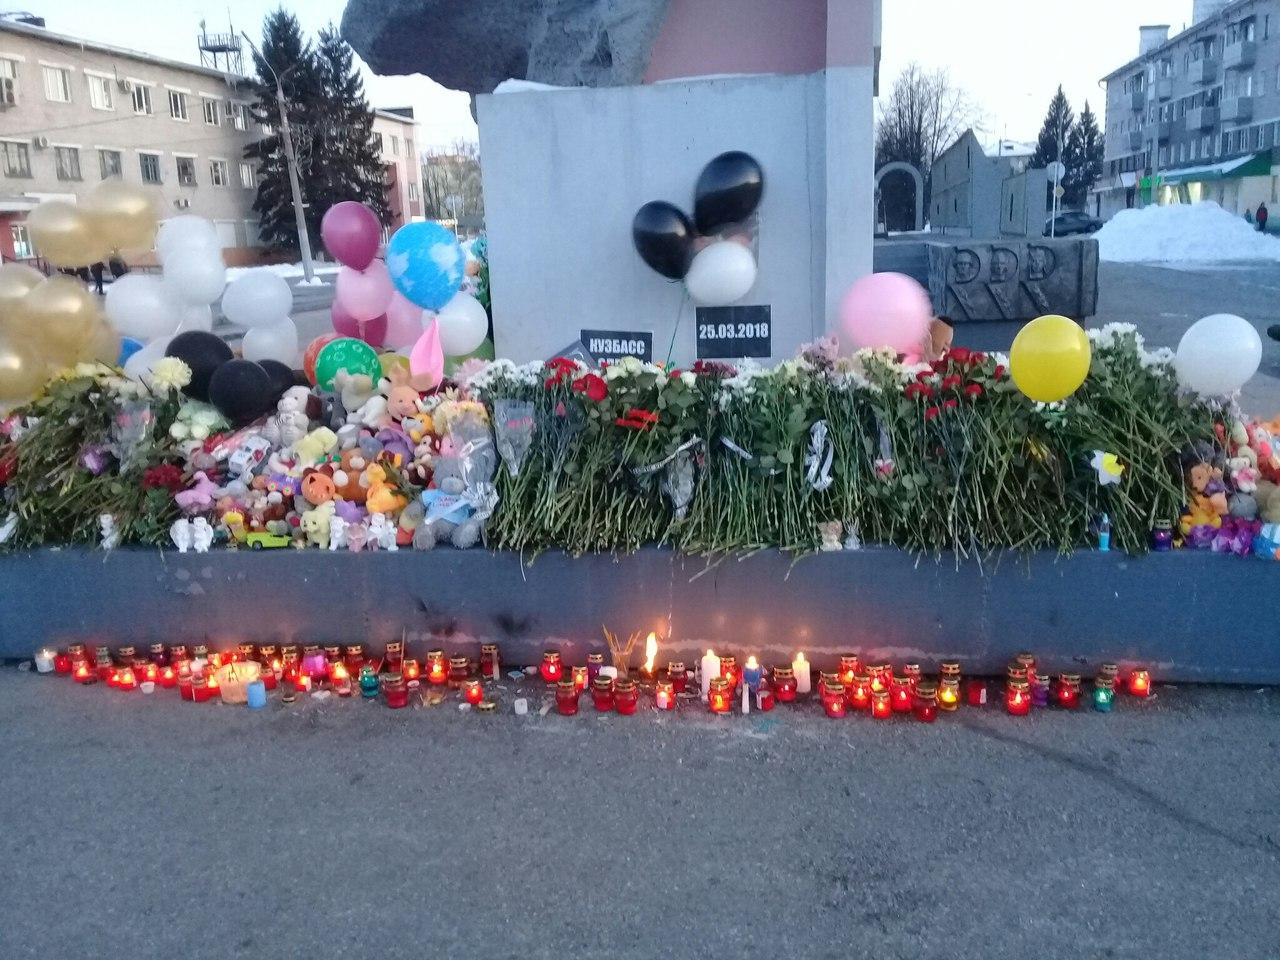 fM27IutuTxE - #Кемерово,БеловоСВами! Жители города Белово, Кемеровской области тоже не остались равнодушными.